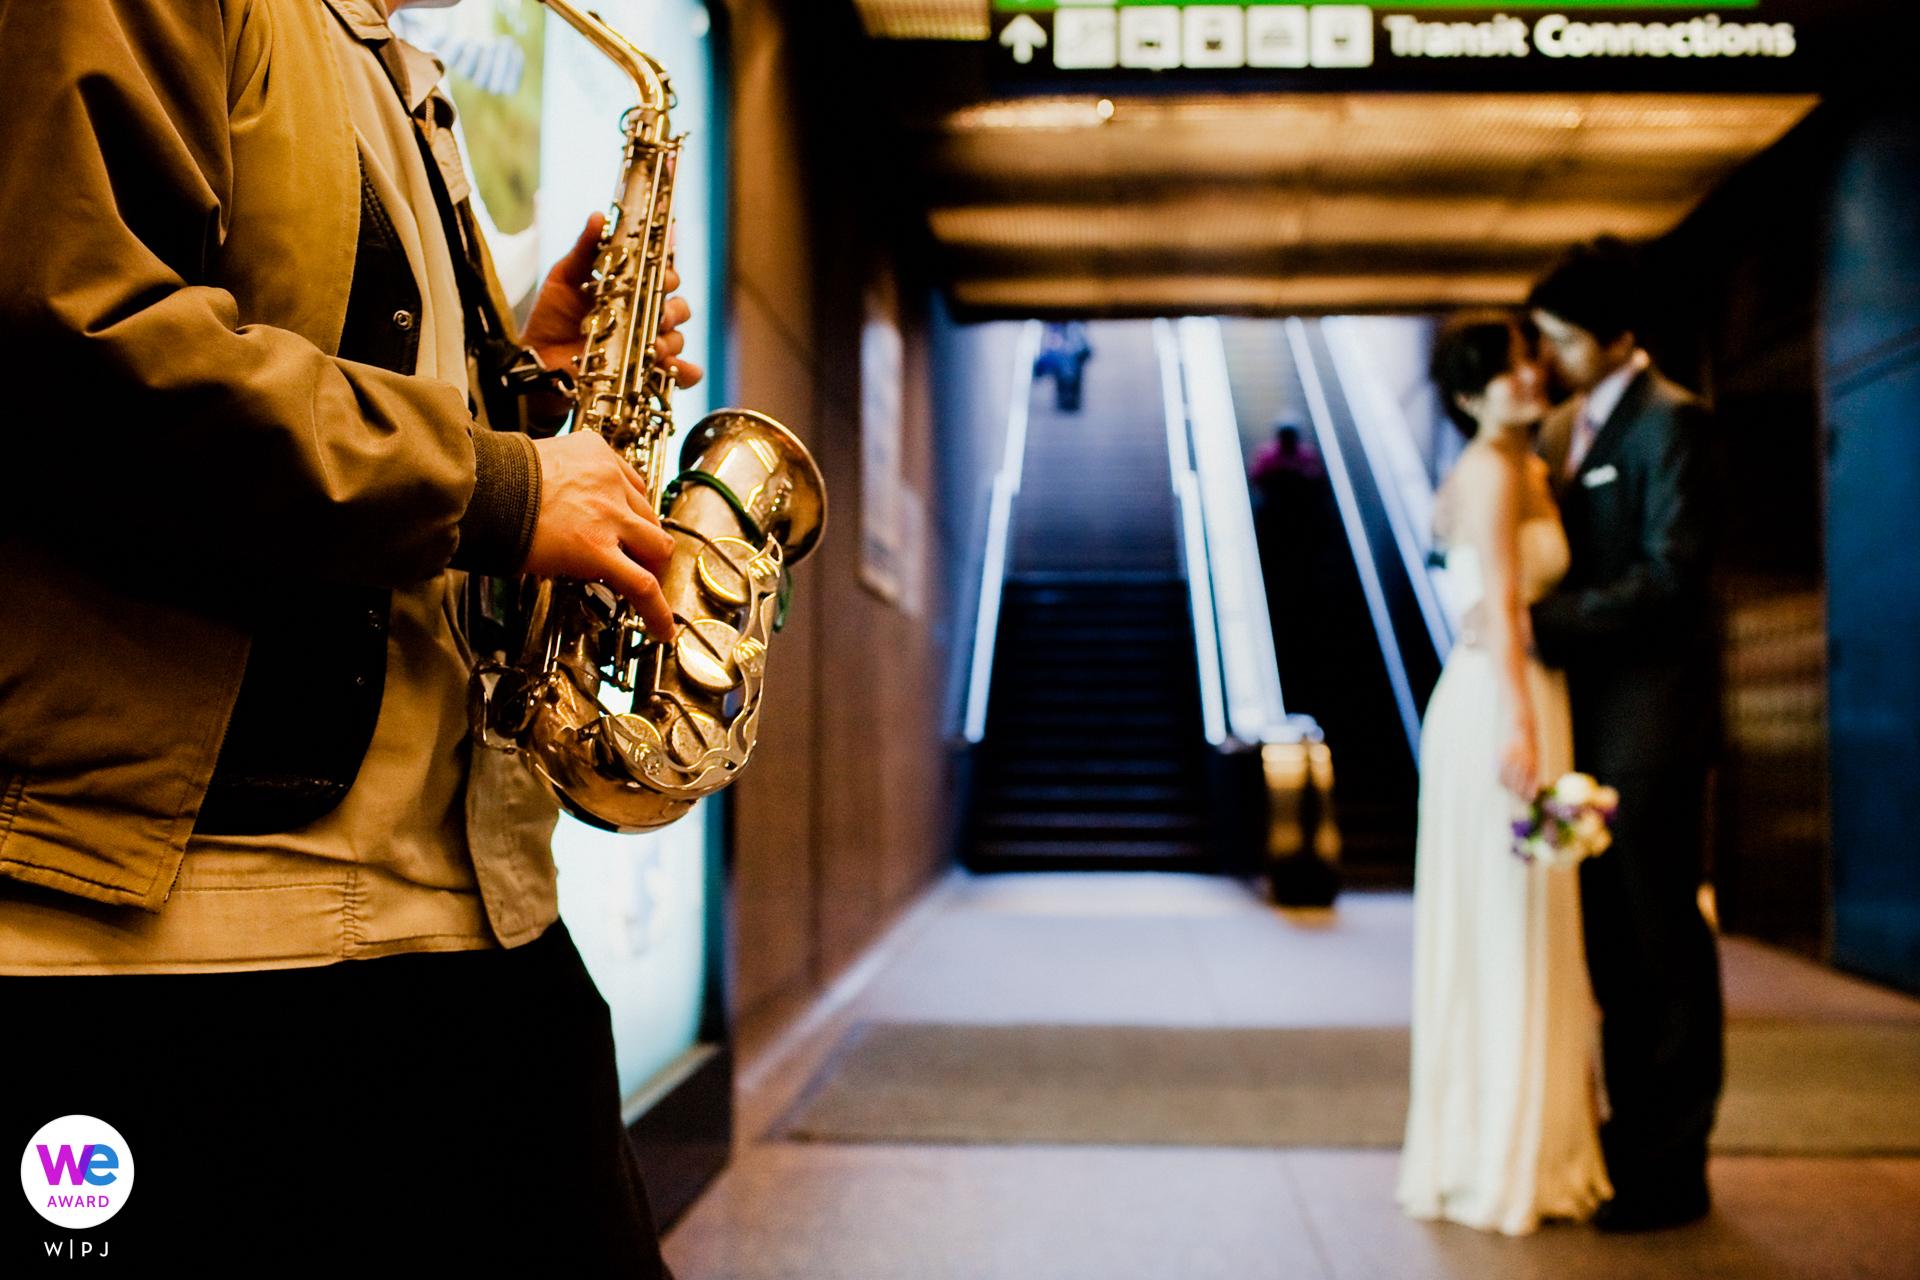 Fotografo di Elopement di San Francisco | Balli lenti allo spettacolo jazz all'uscita della stazione